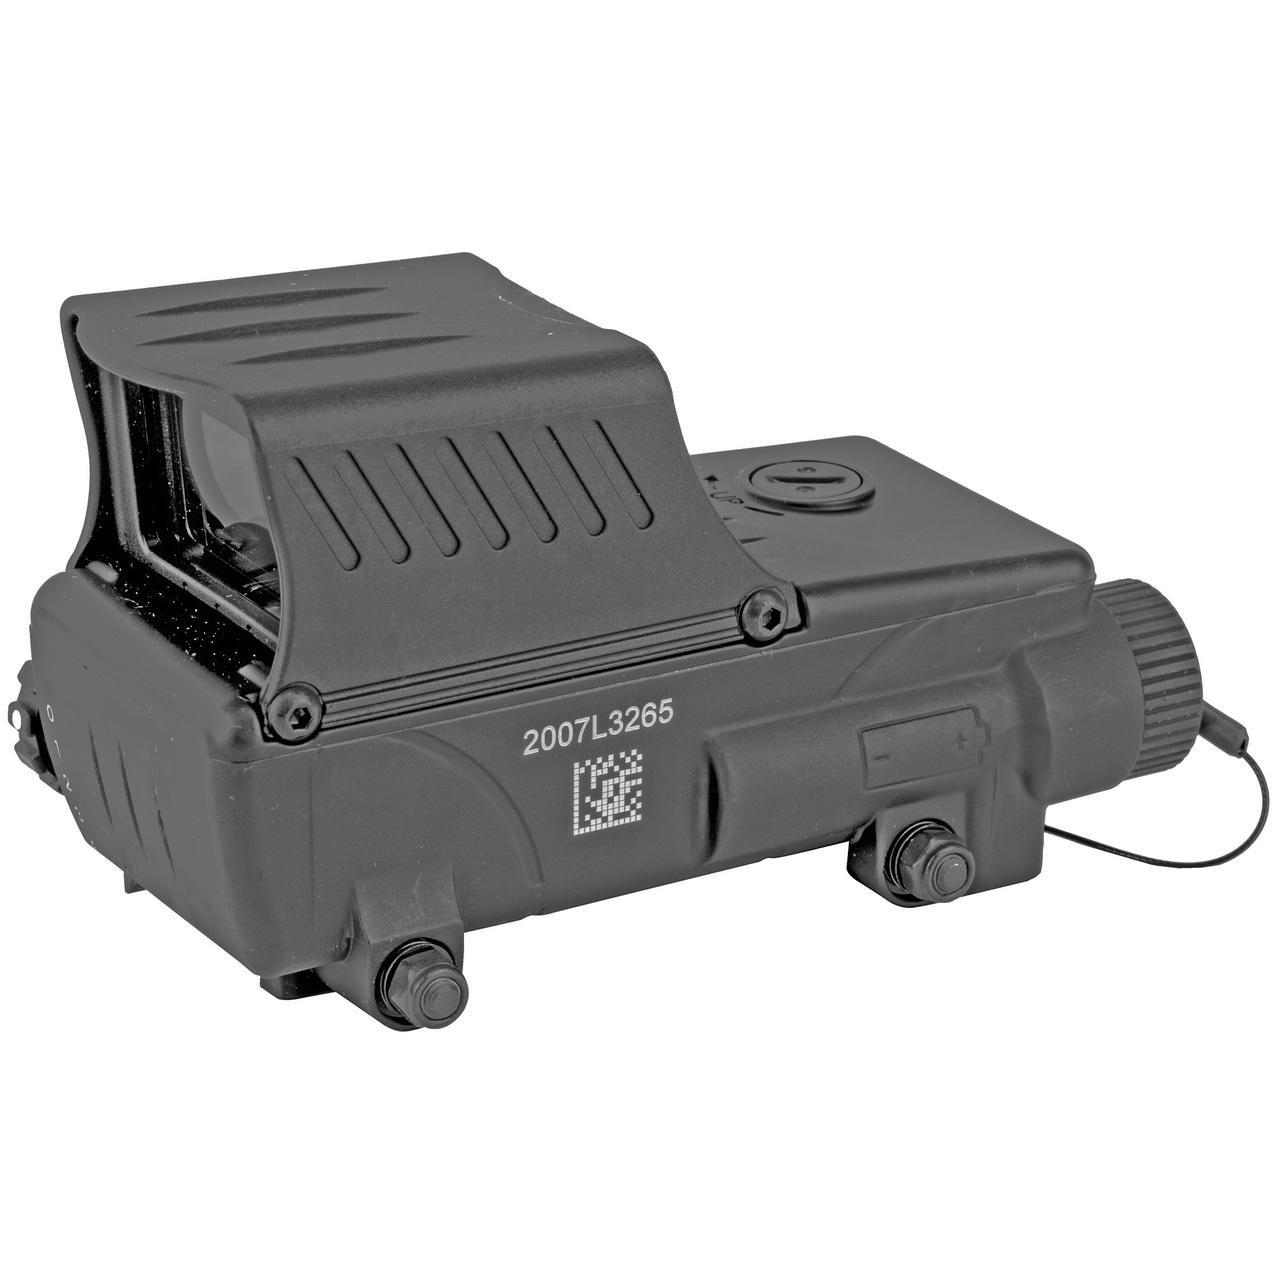 Meprolight Meprolt Rds Pro V2 Green Dot 810013522143